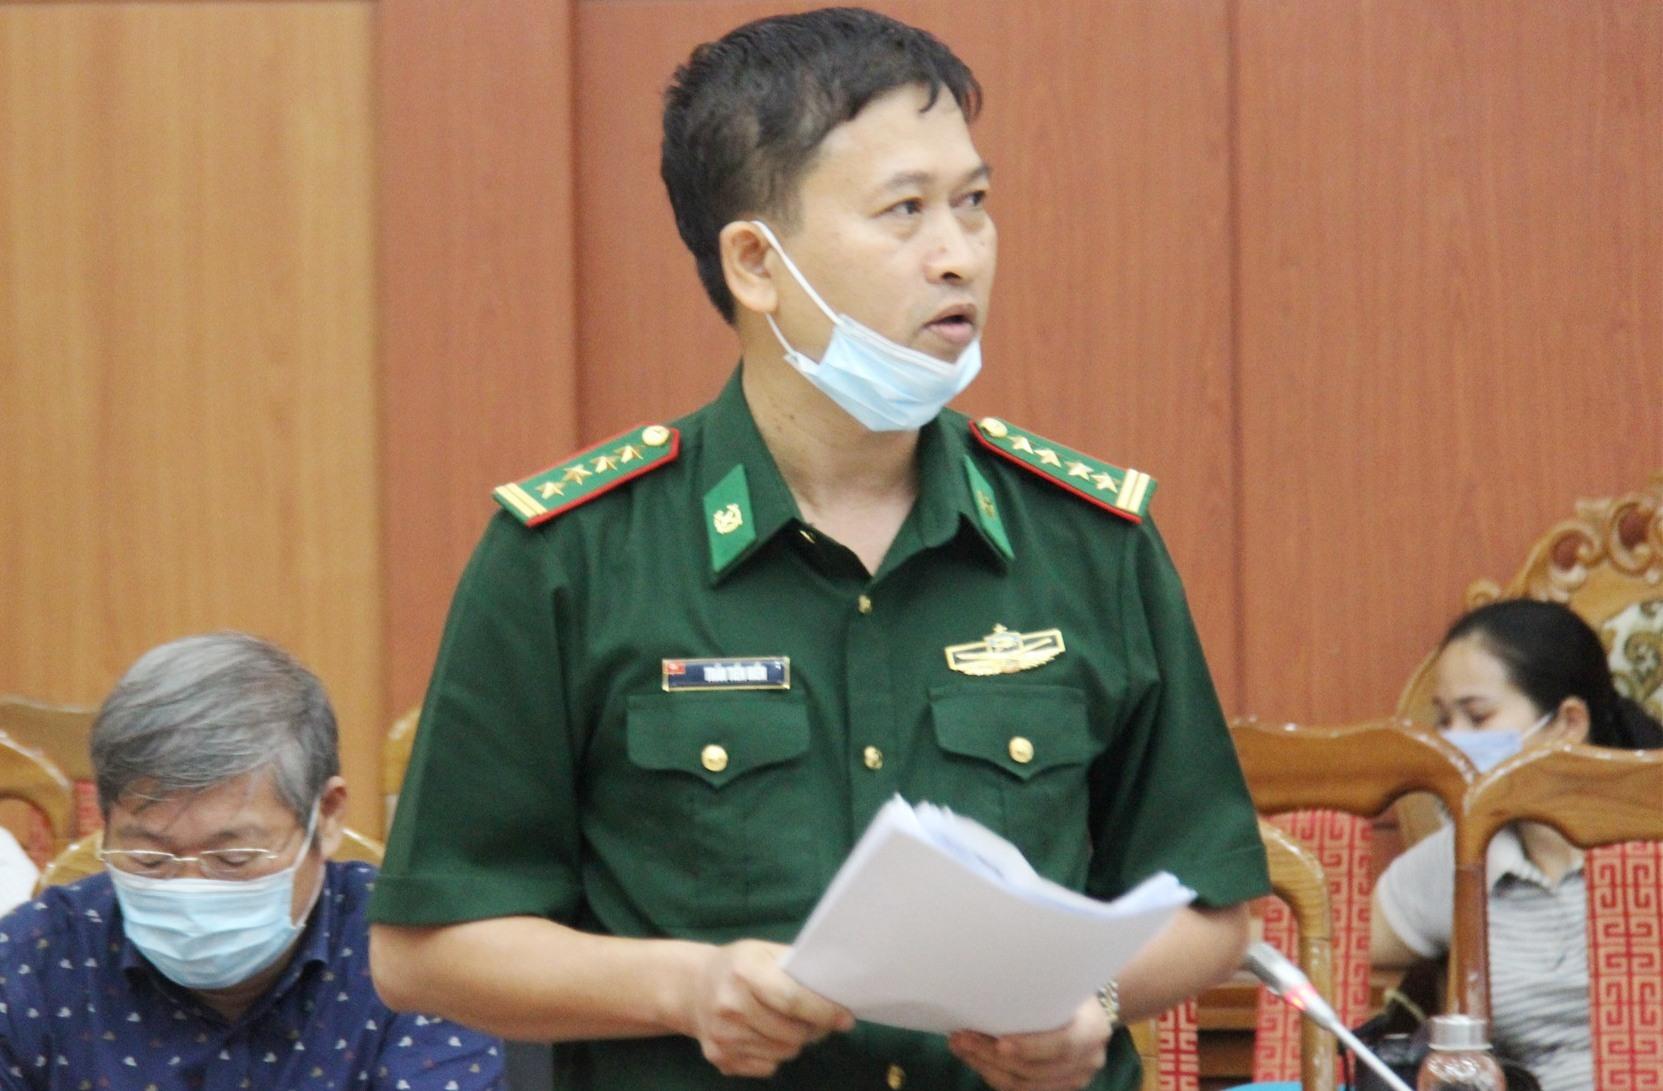 Đại tá Trần Tiến Hiền phát biểu tại Hội nghị. Ảnh: X.H